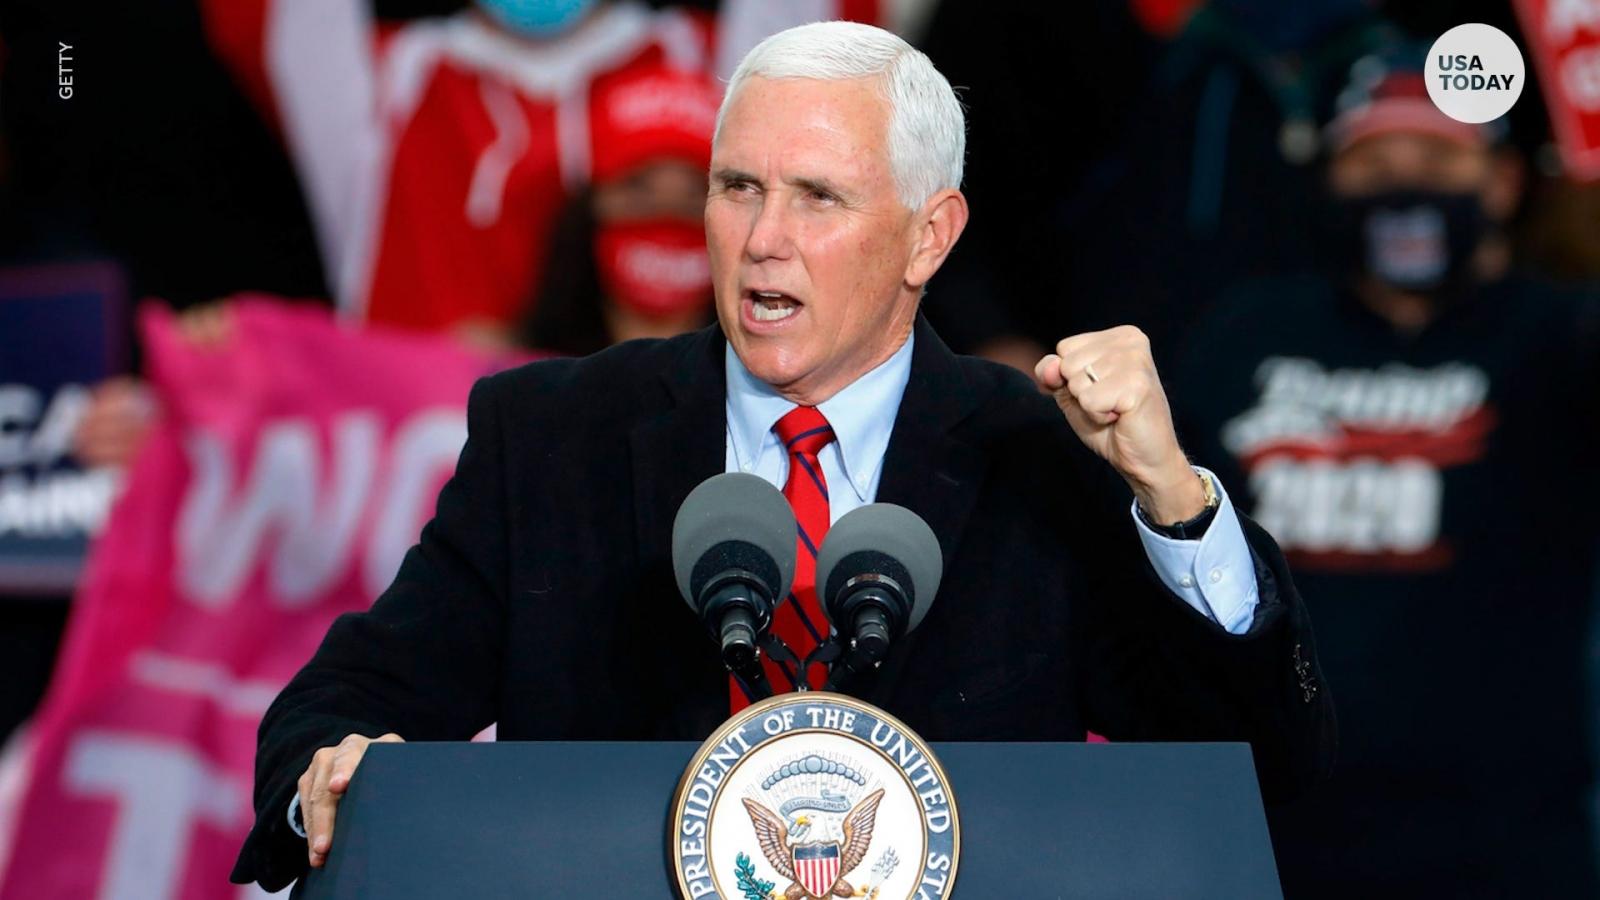 Phó Tổng thống Mike Pence nói ông không có quyền thay đổi kết quả bầu cử 2020